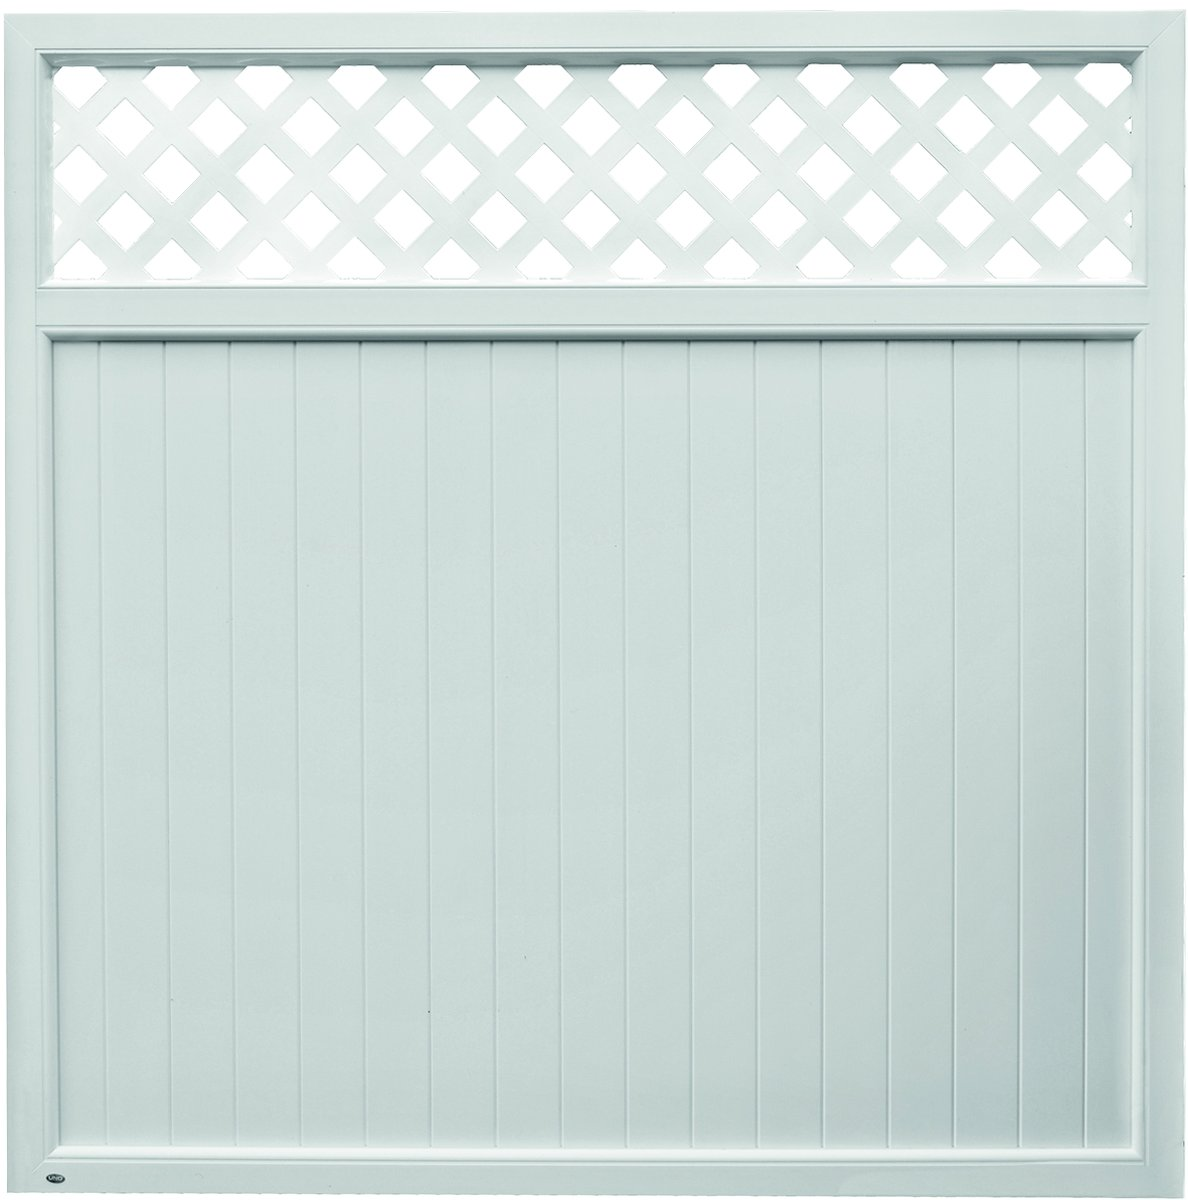 TRENDLINE Kunststoff-Sichtschutz mit Rankgitter 180x180 cm weiß